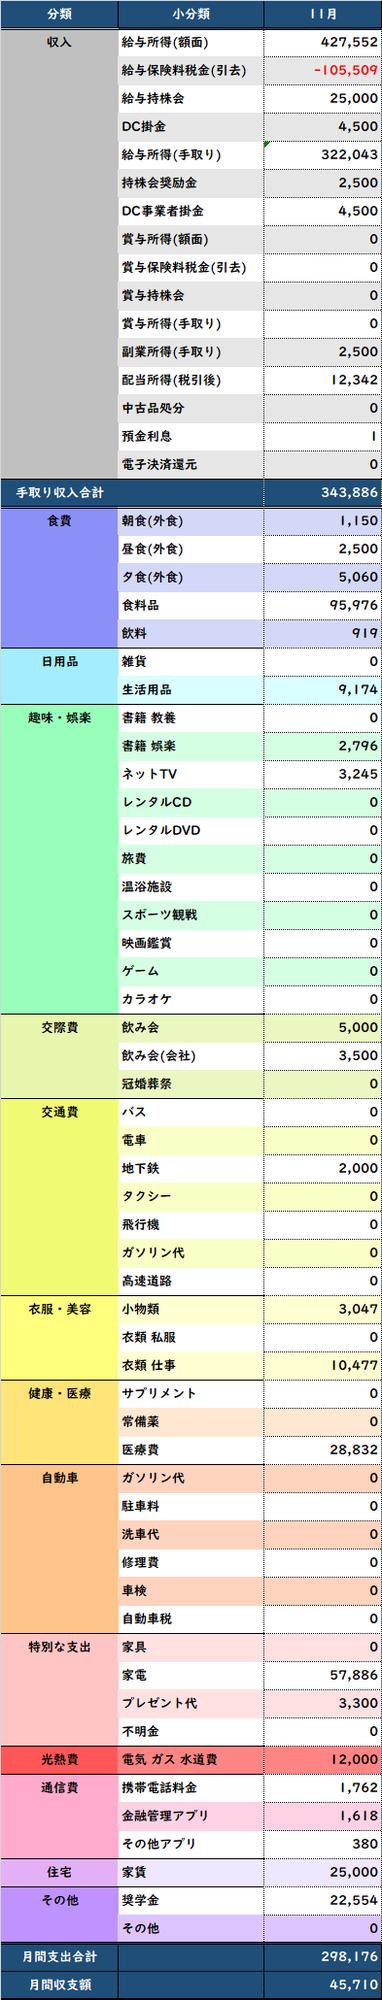 f:id:Hakurei:20201226201649p:plain